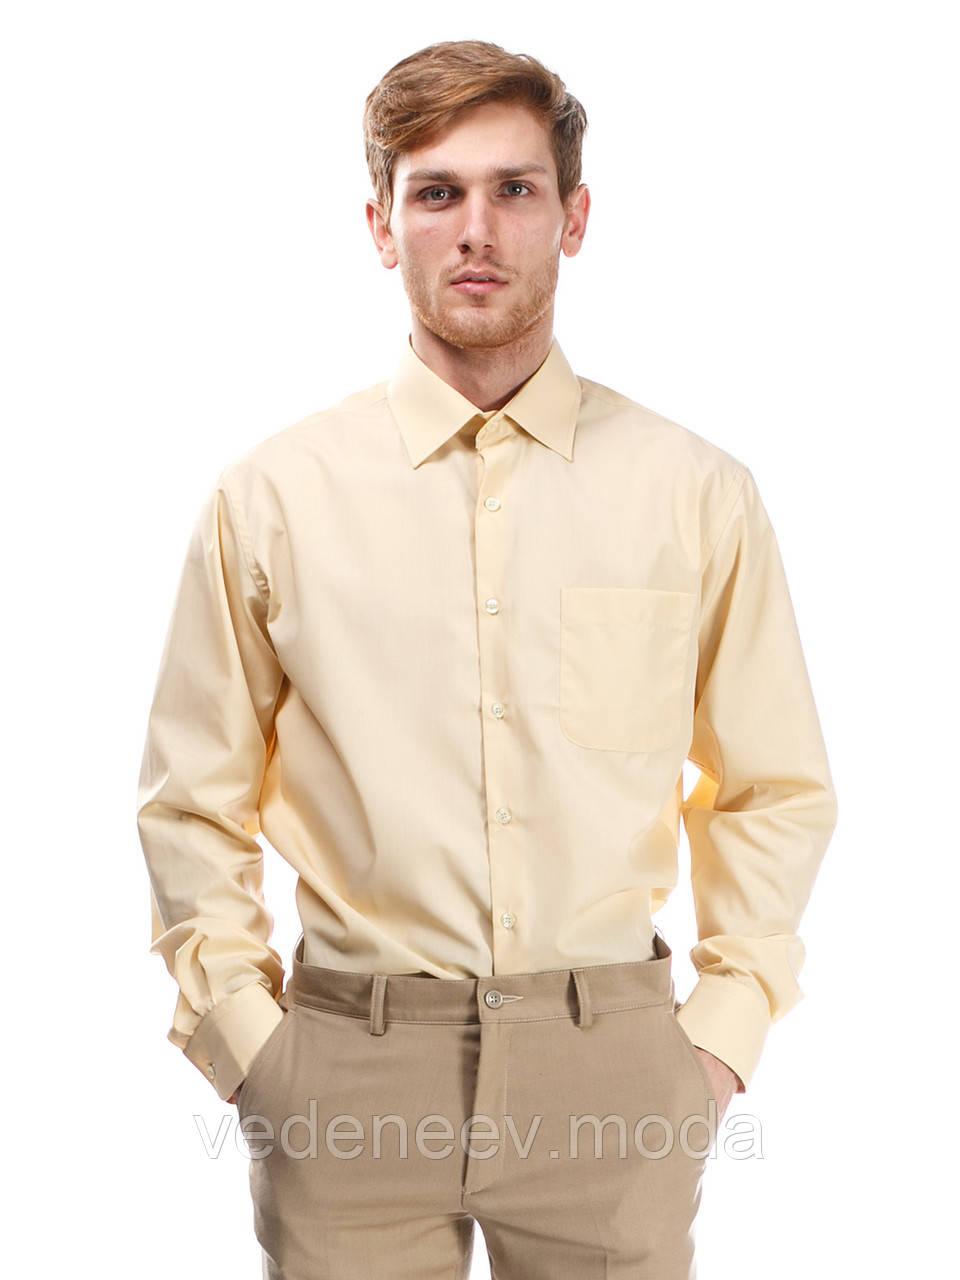 1f77b85006049 Рубашка мужская классического силуэта бежевого цвета - Мужские и женские  РУБАШКИ для ВСЕХ.